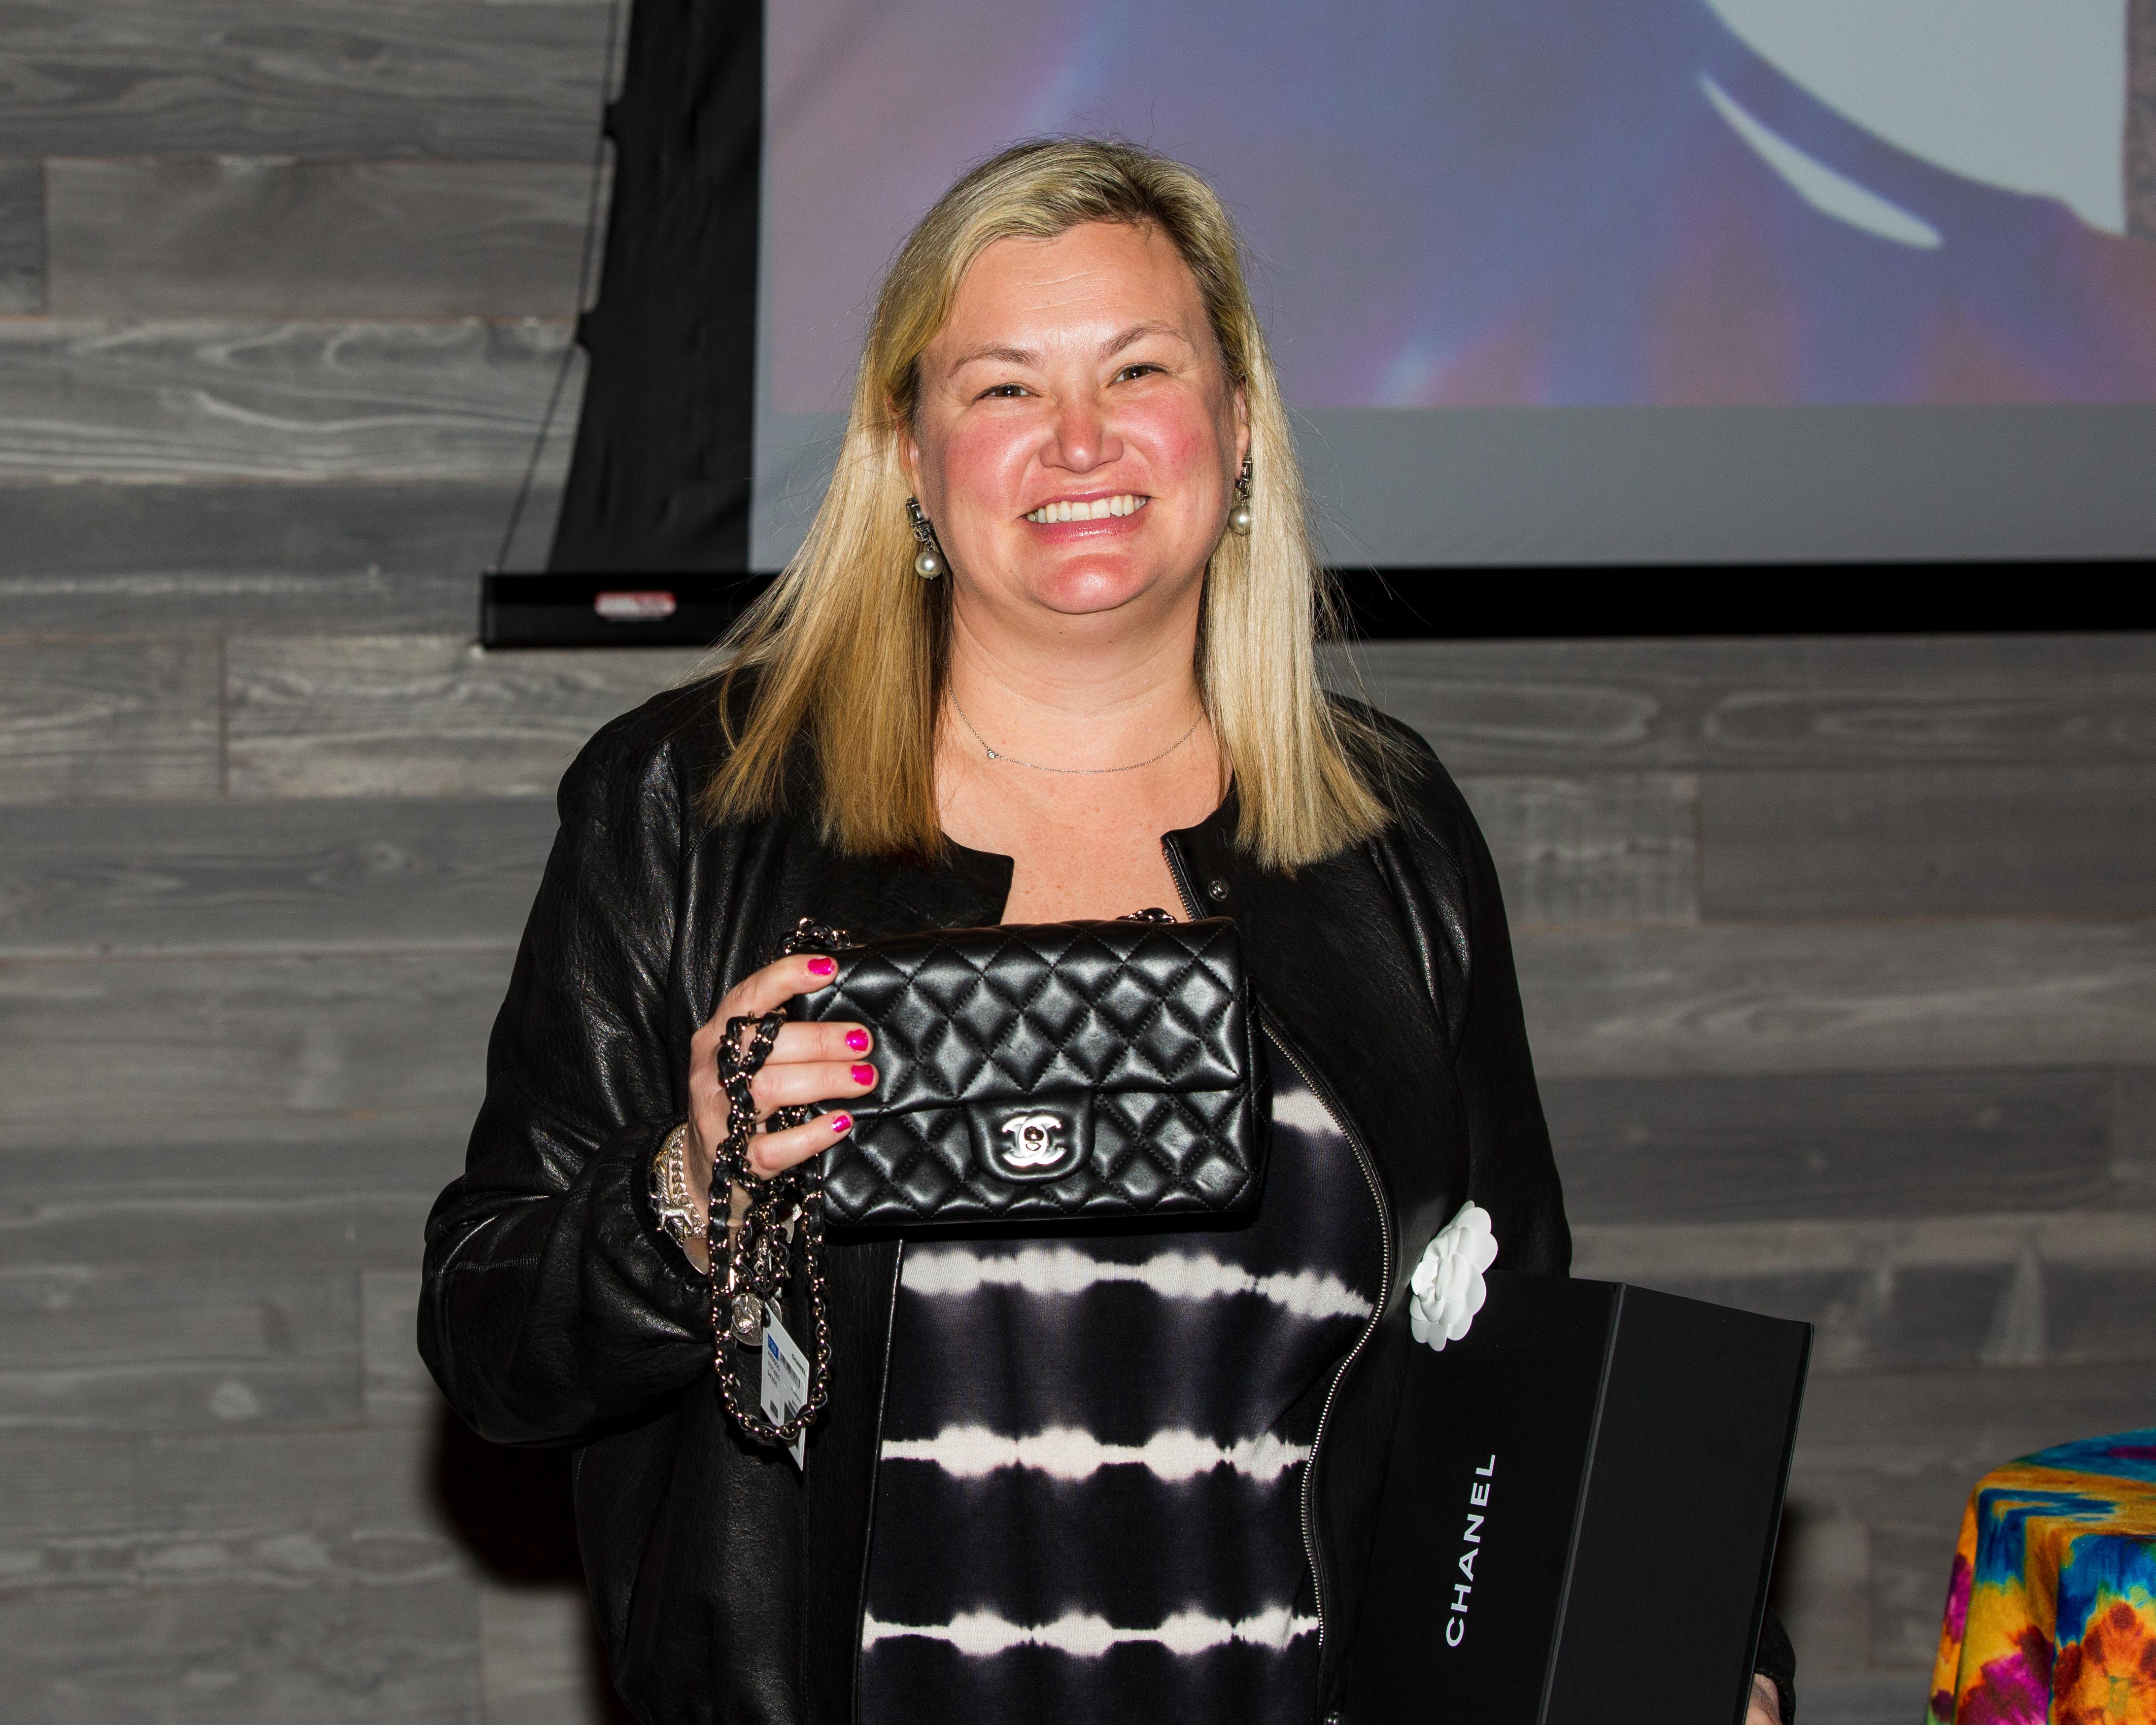 Chanel Purse winner